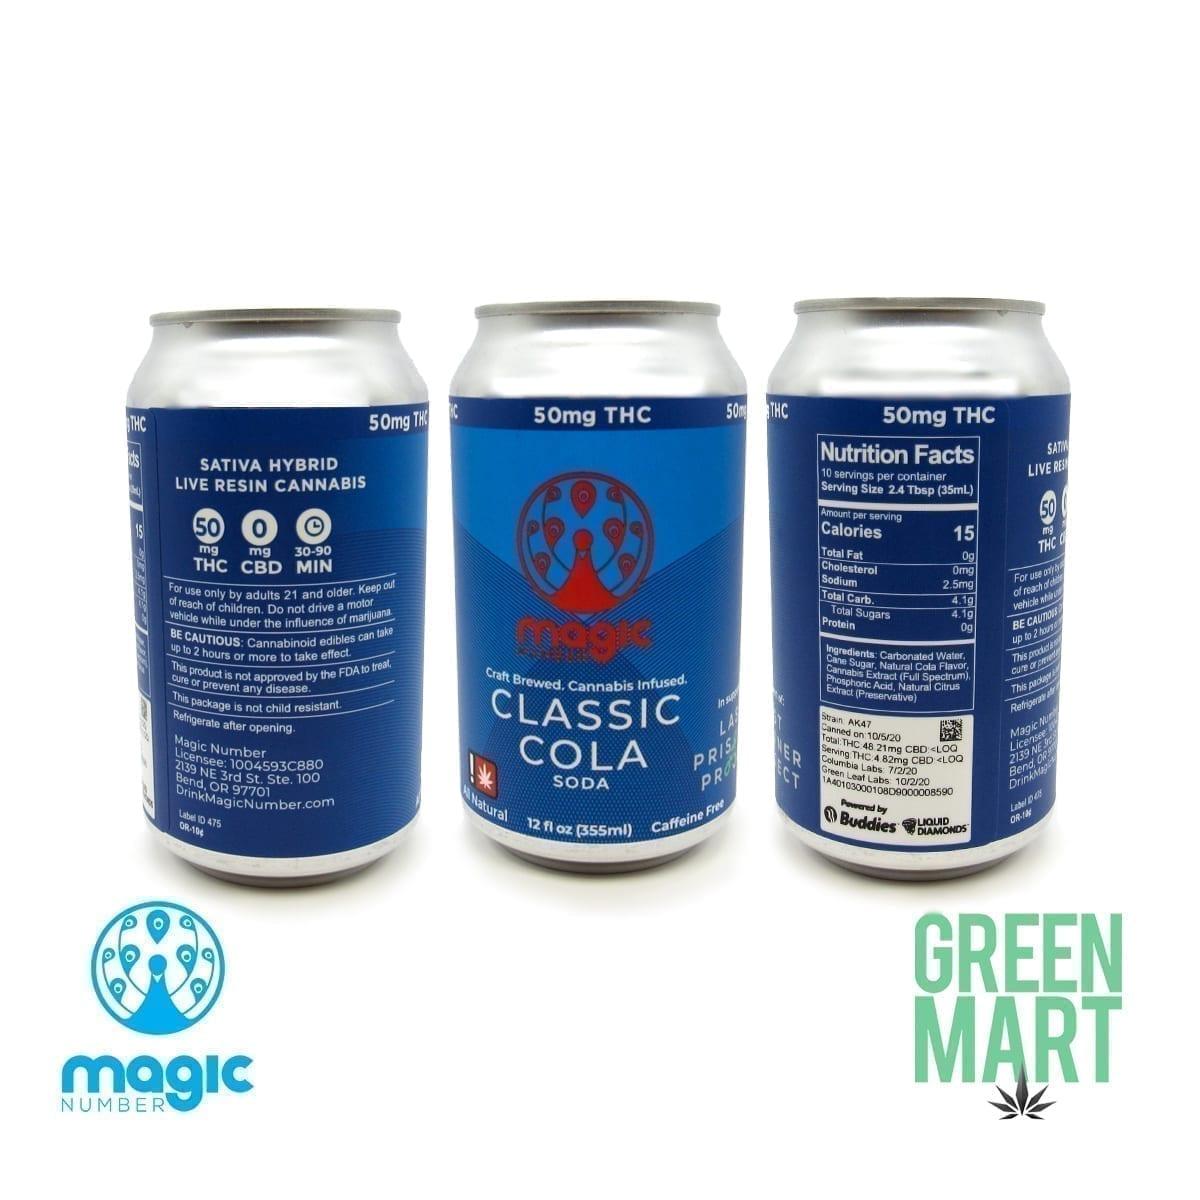 Magic Number - Classic Cola